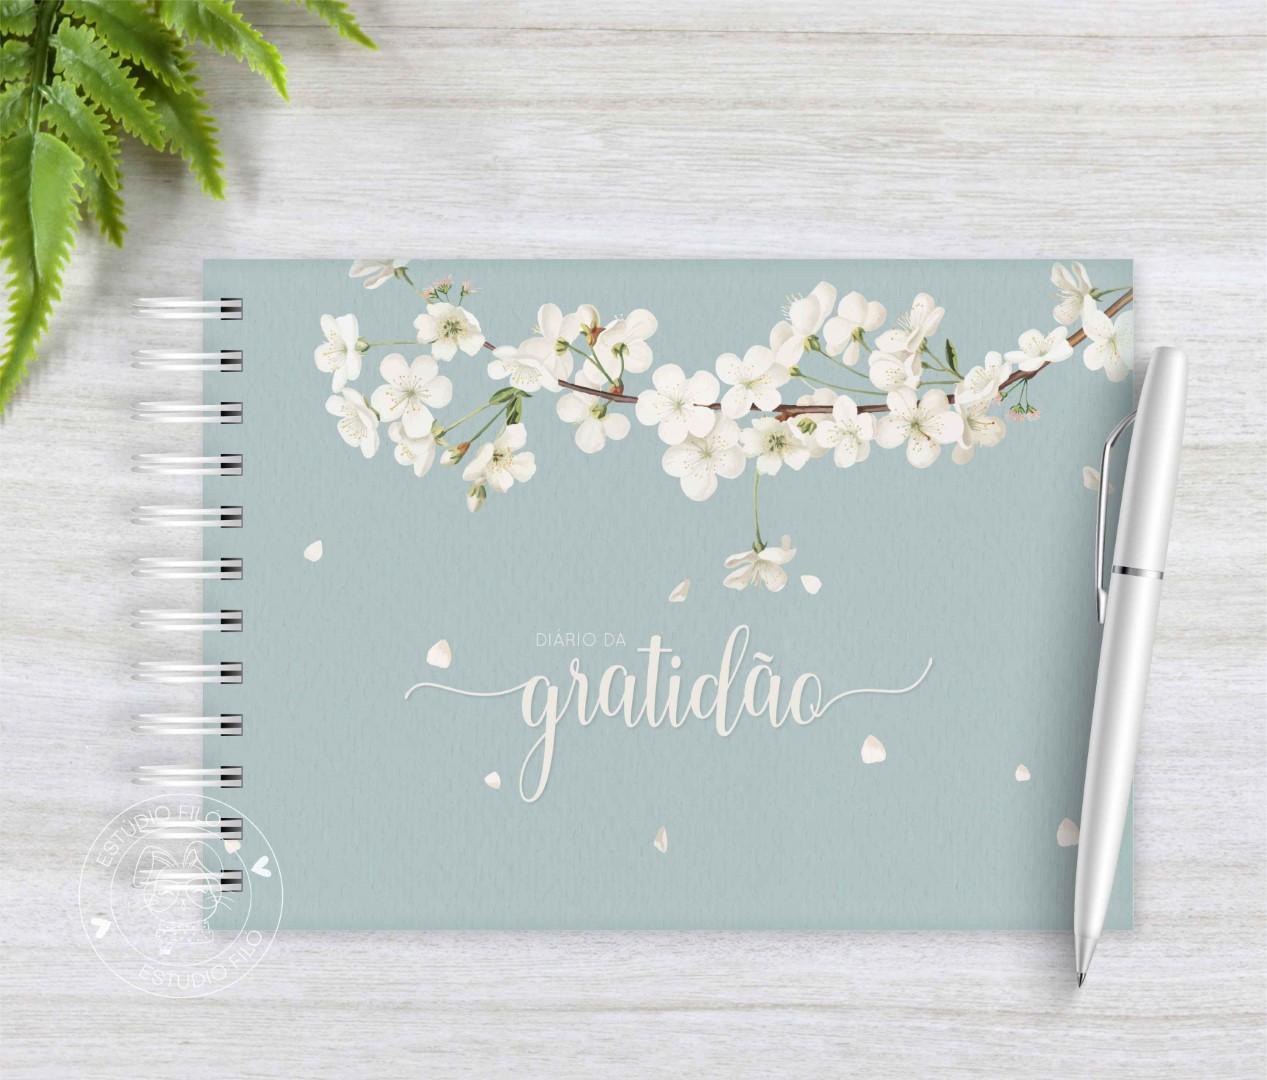 Diário da Gratidão cerejeira branca